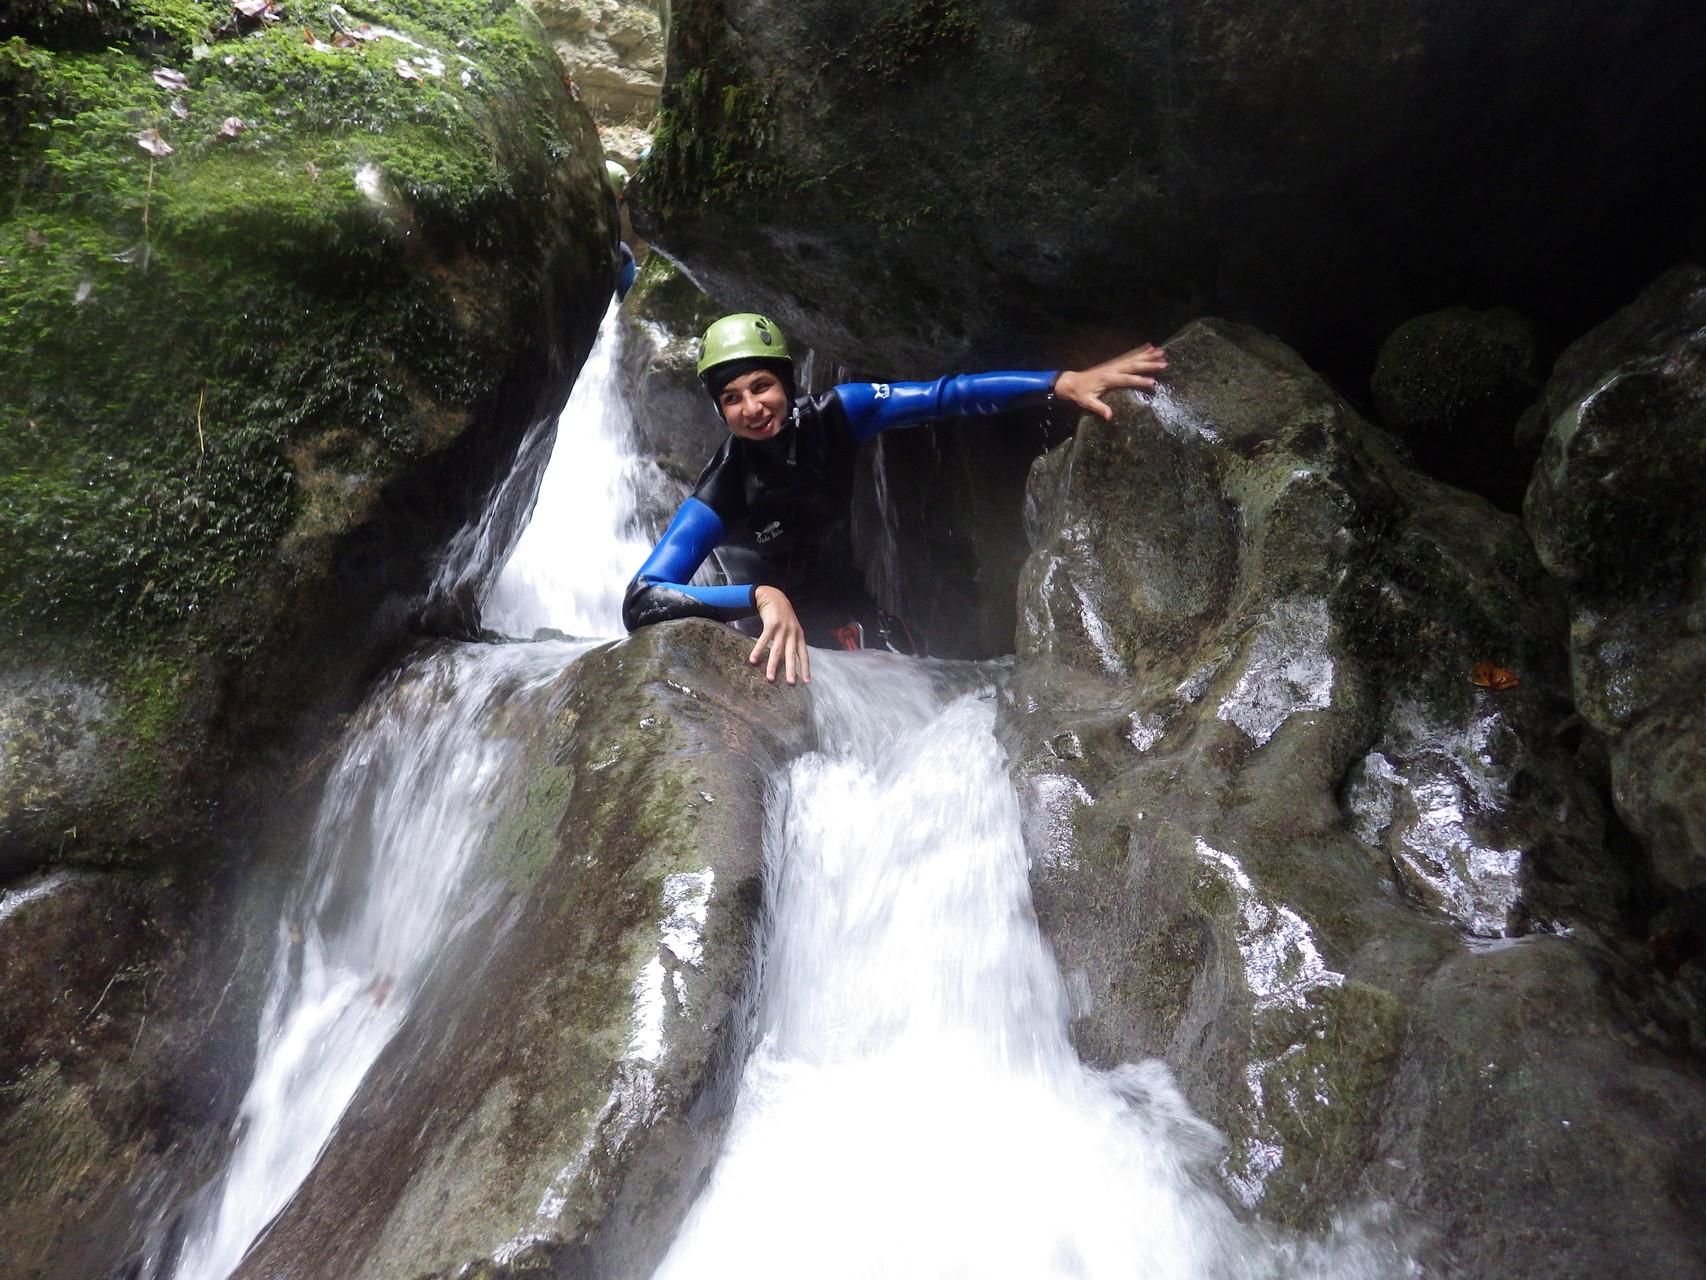 Sensations fortes dans l'eau fraiche en canyoning